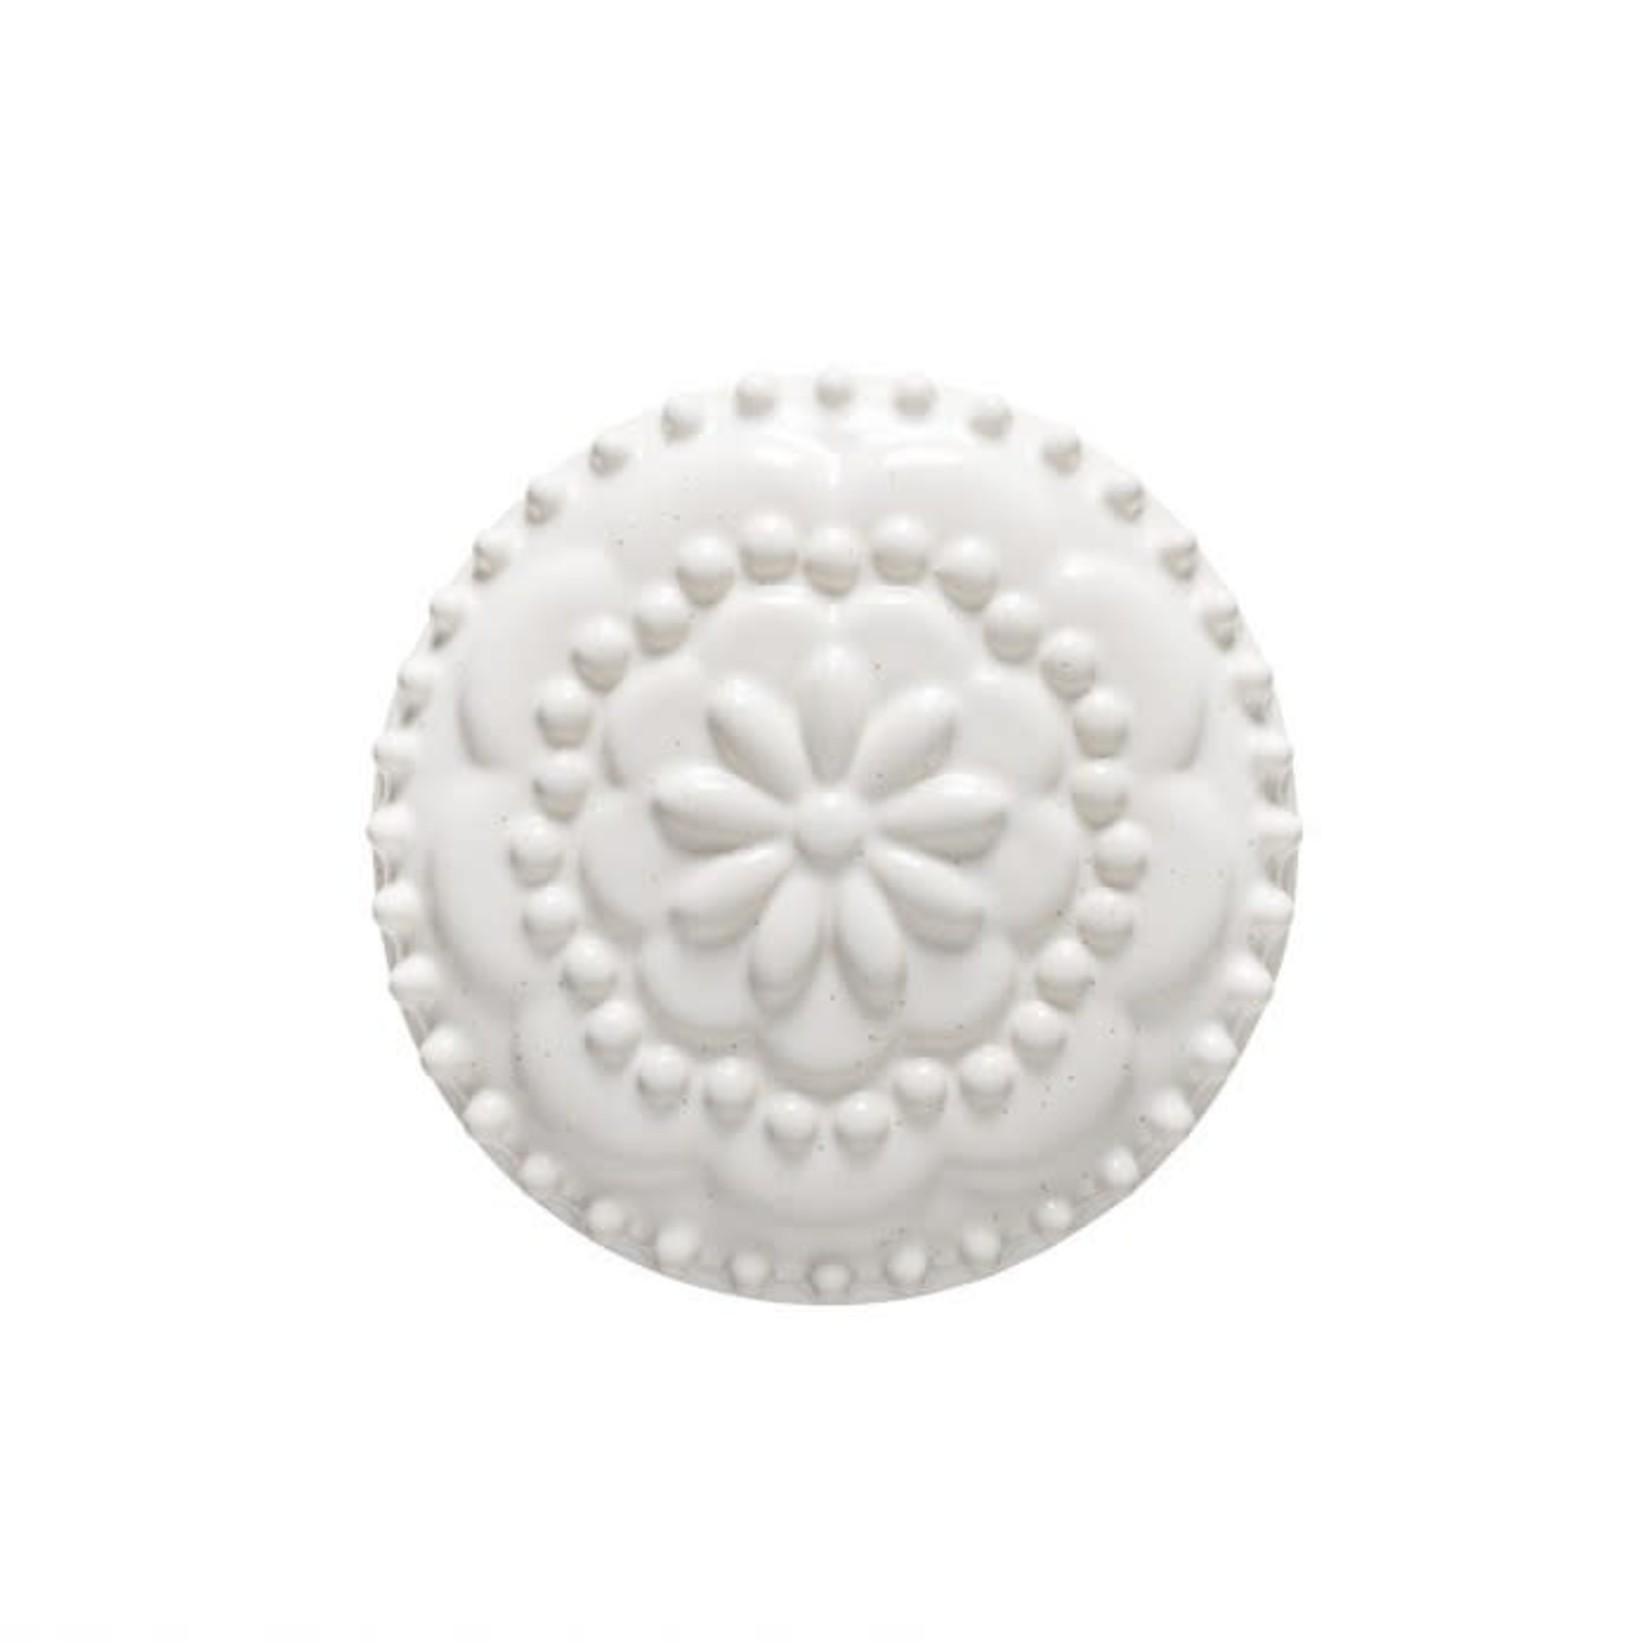 Fattoria White Round Baking Pan